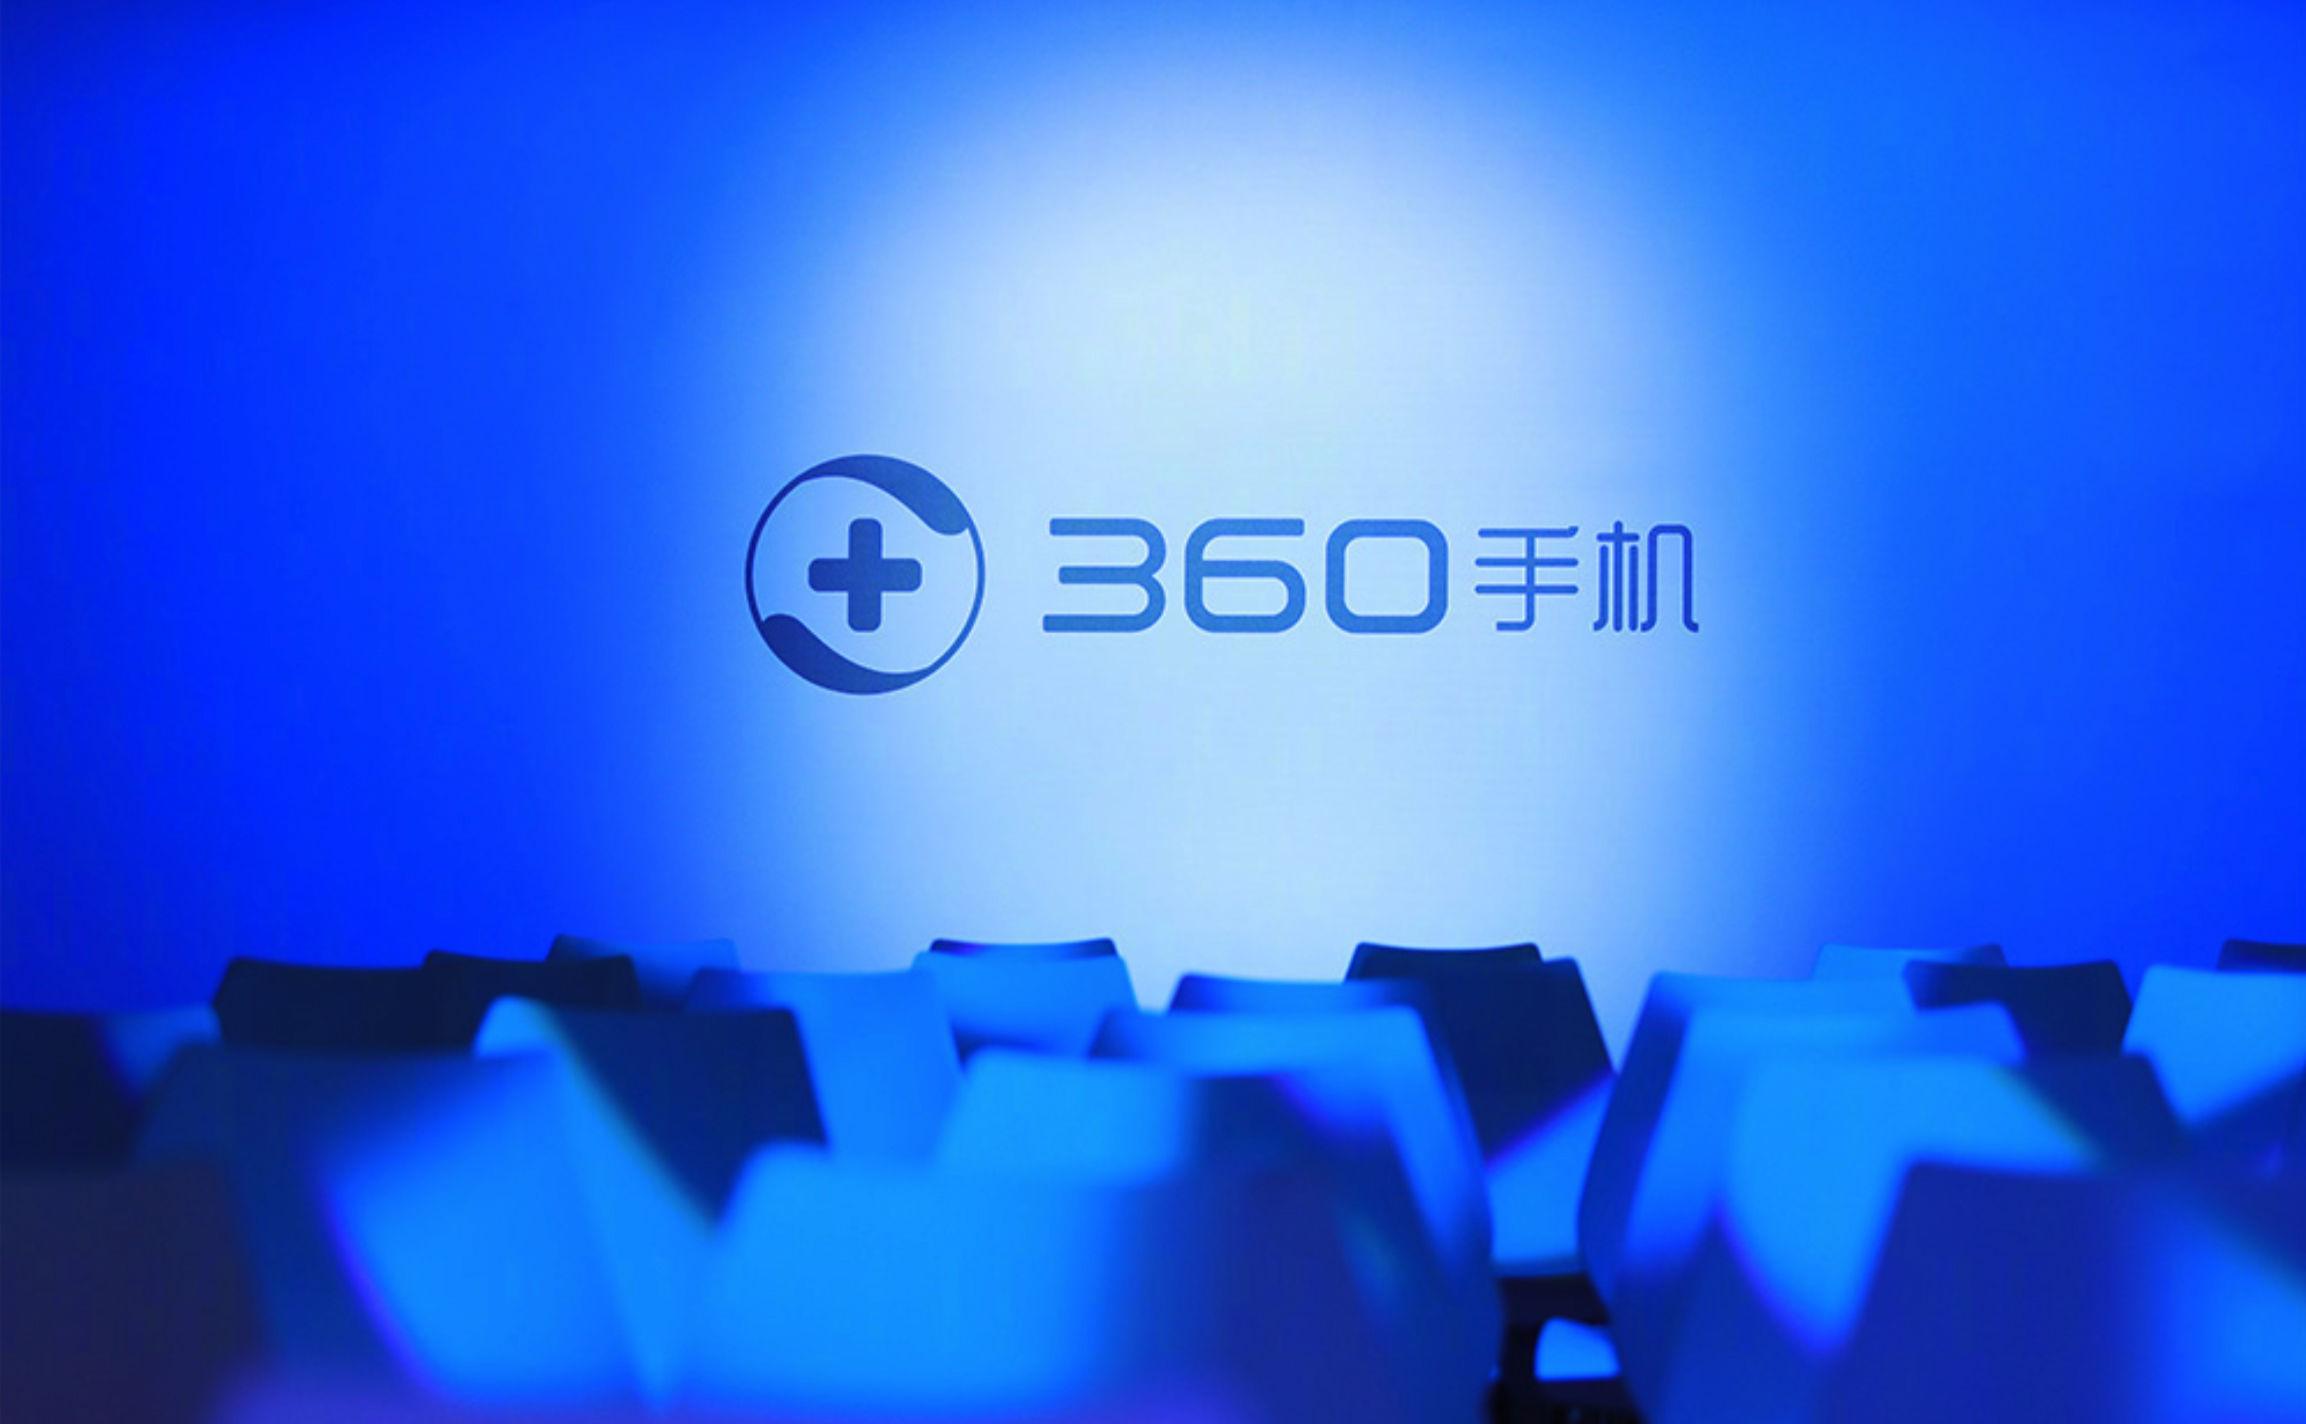 360 手机,一个「不下牌桌」的故事